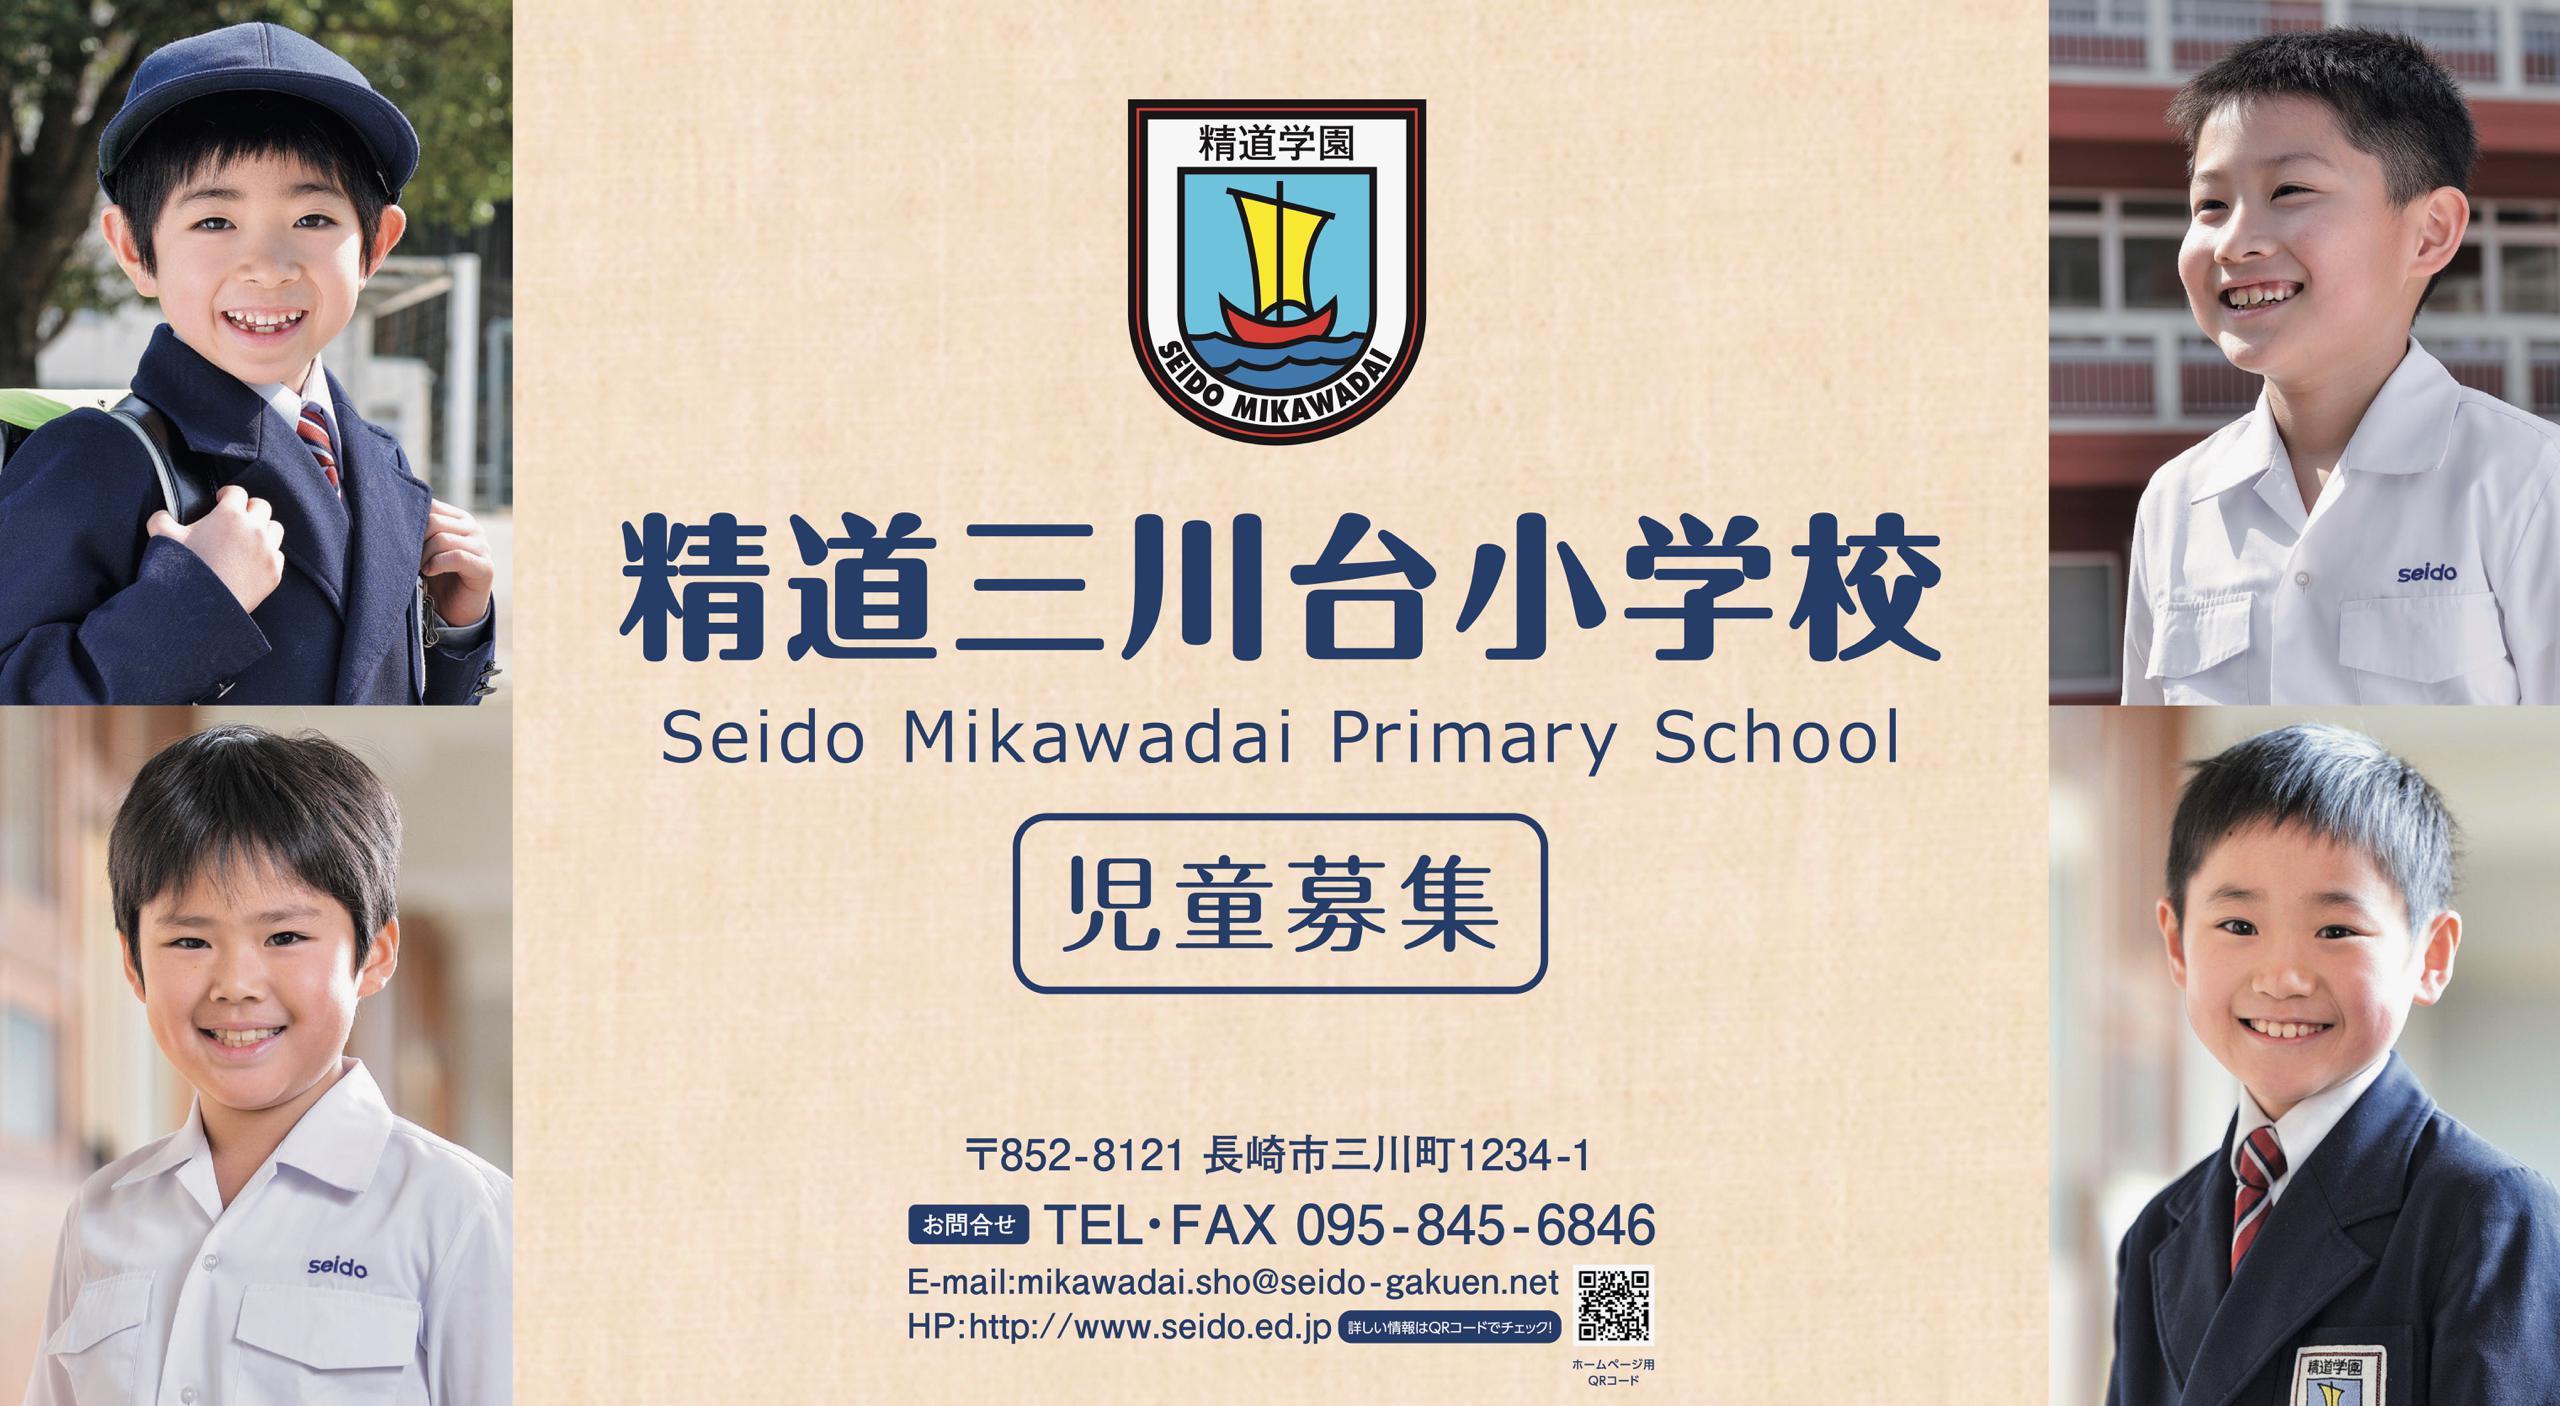 平成31年度 精道三川台小学校 募集要項